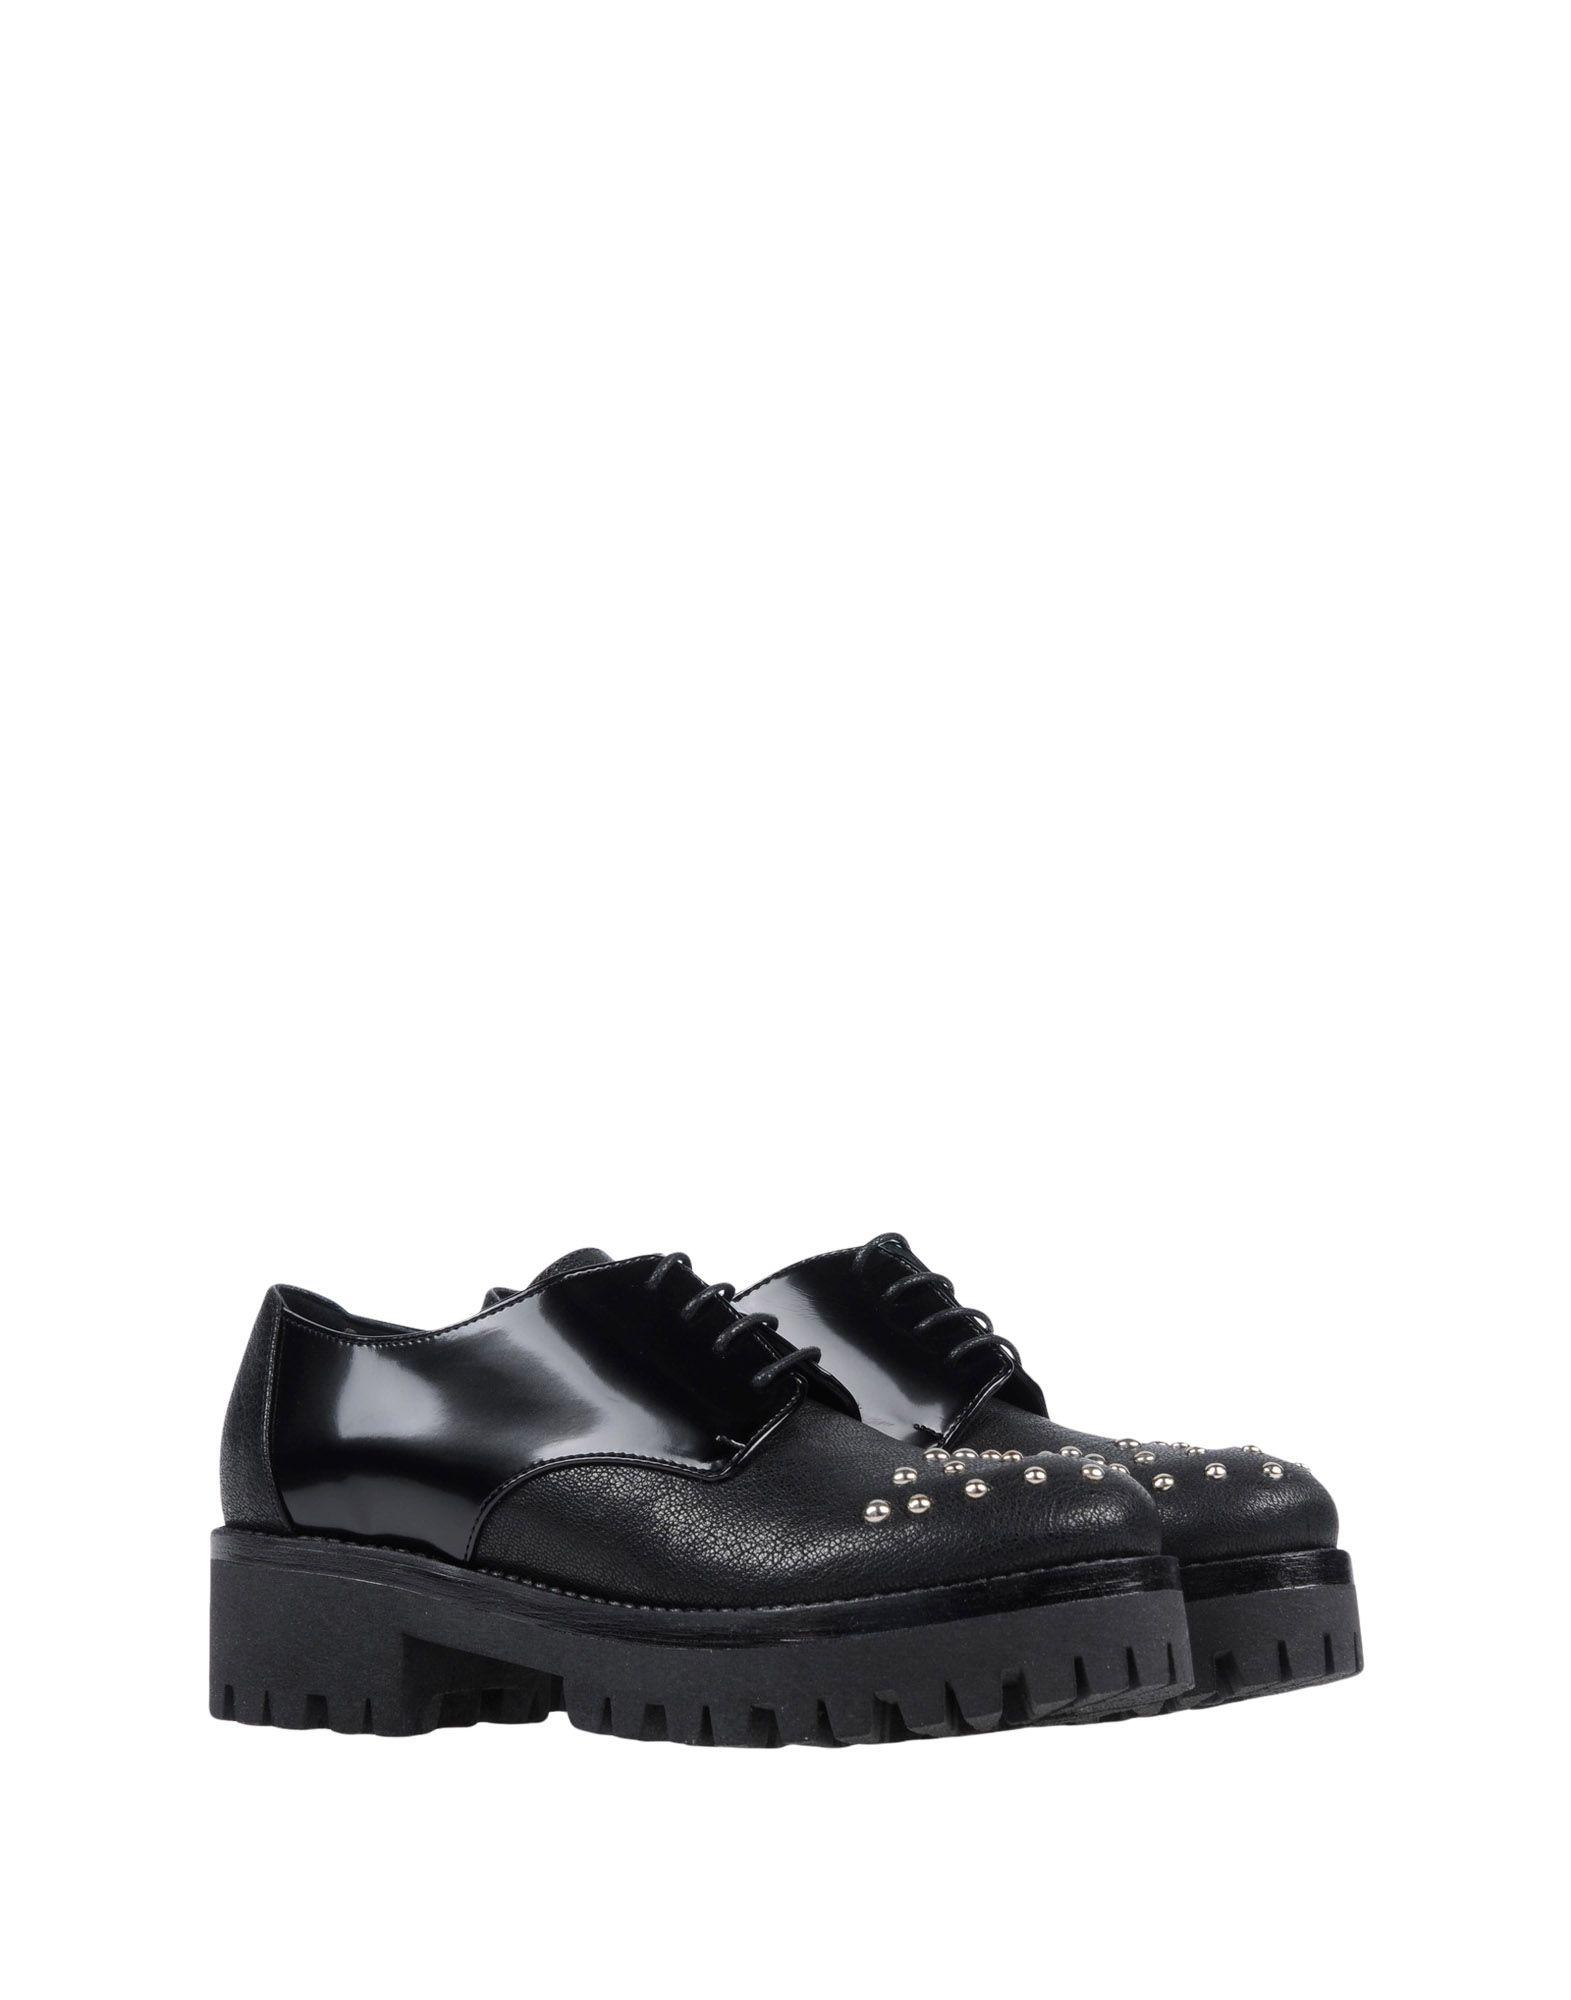 Gut um Schnürschuhe billige Schuhe zu tragenPollini Schnürschuhe um Damen  11446854QN 98b754